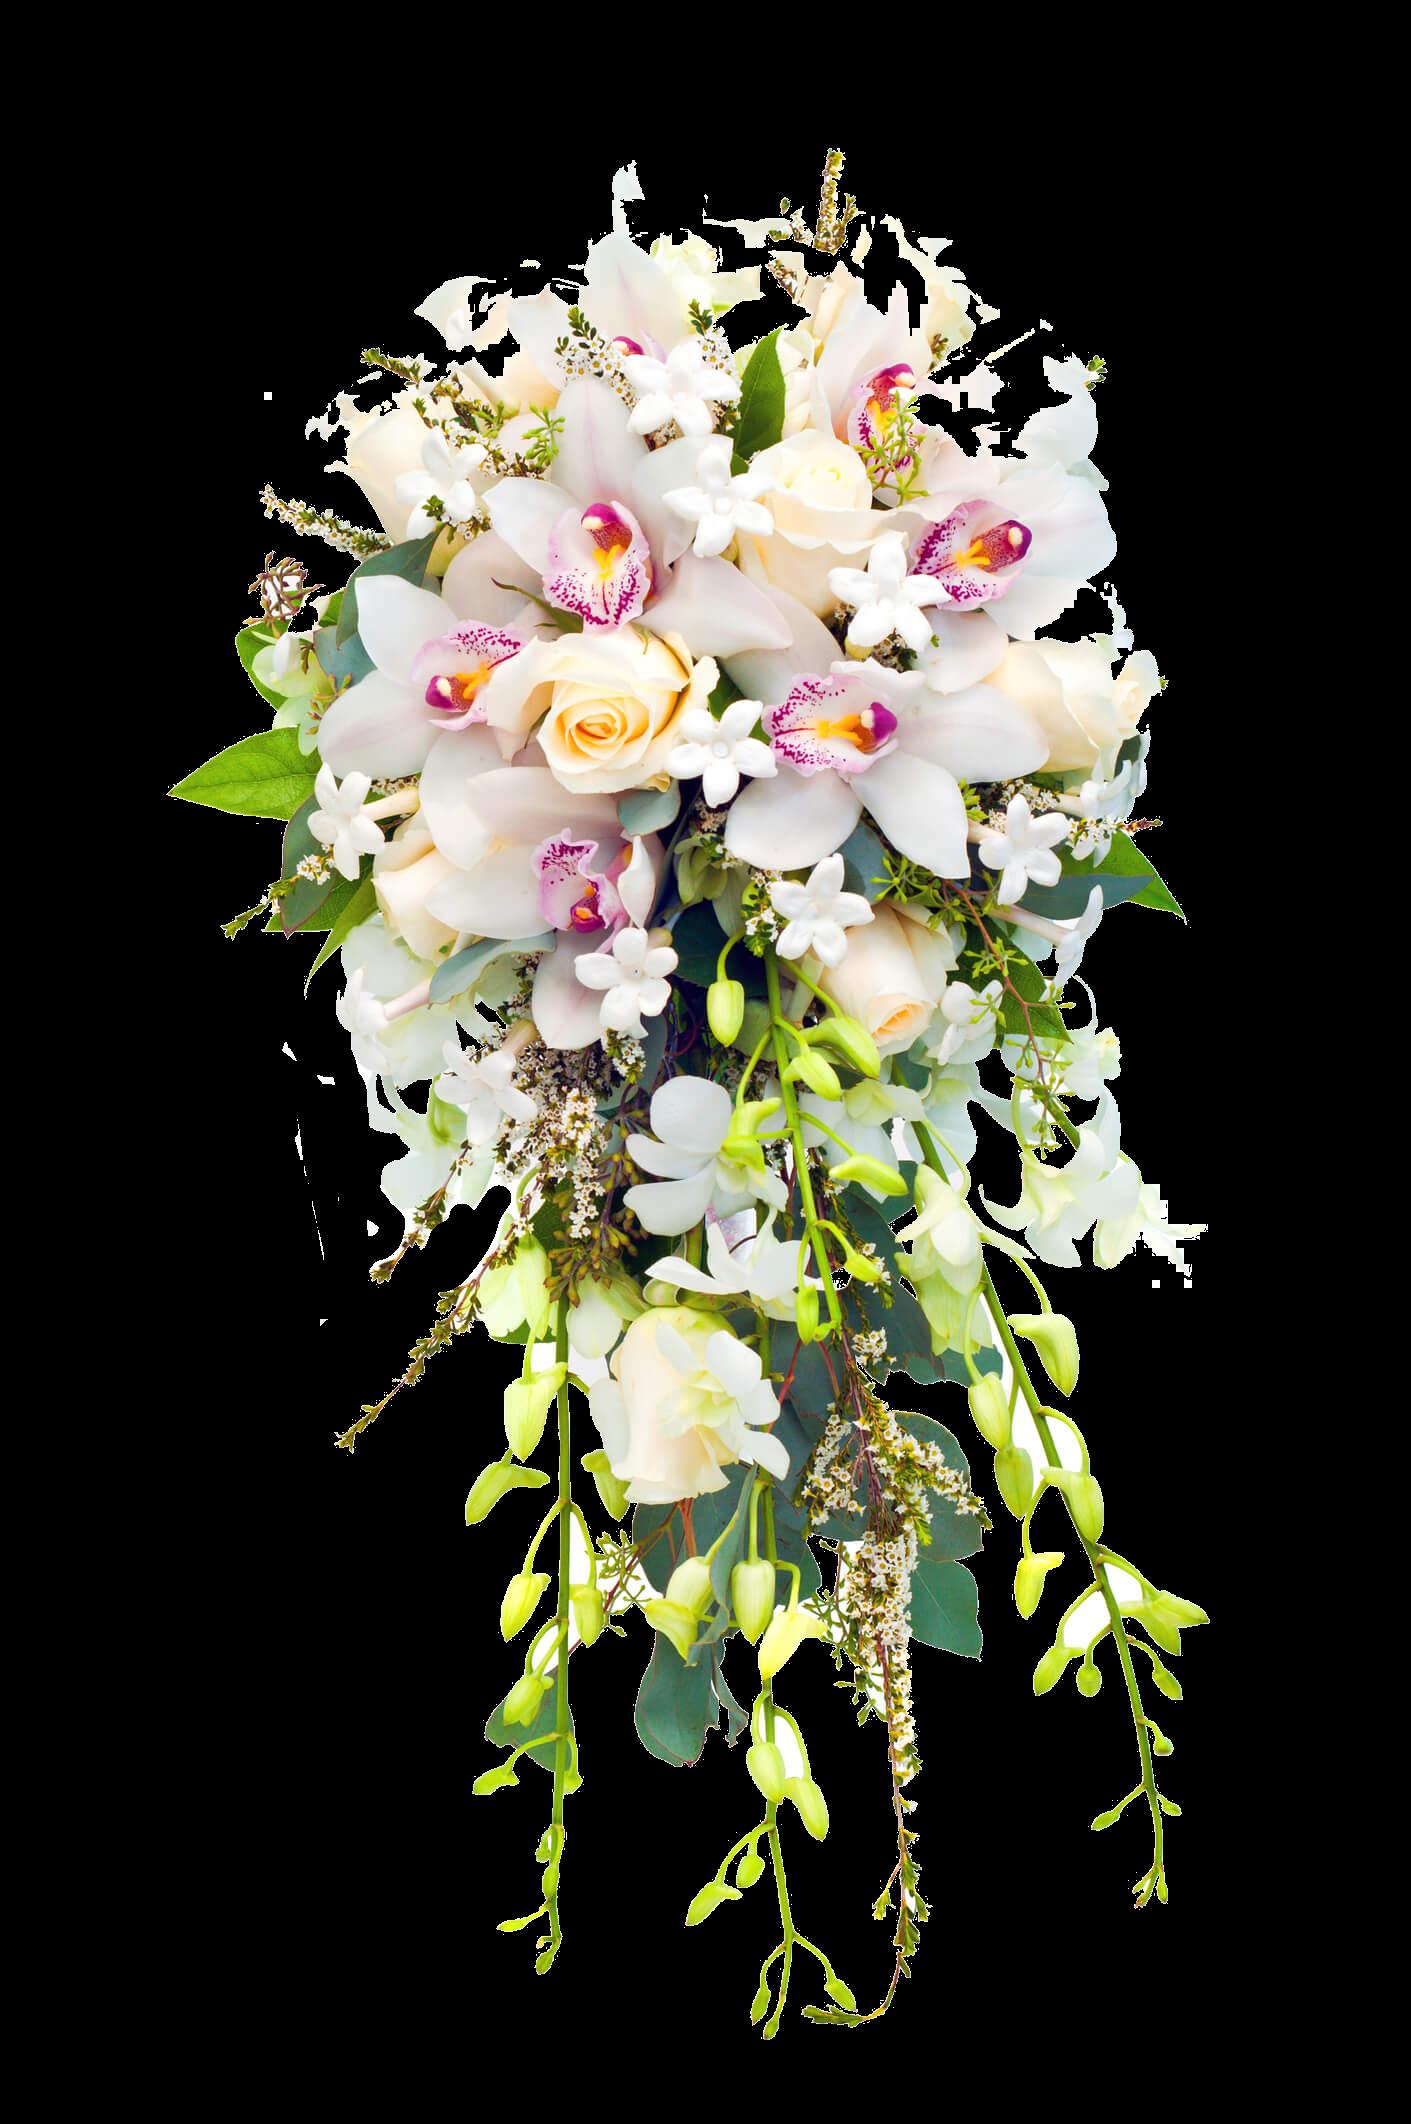 Flower Arrangement for a funeral